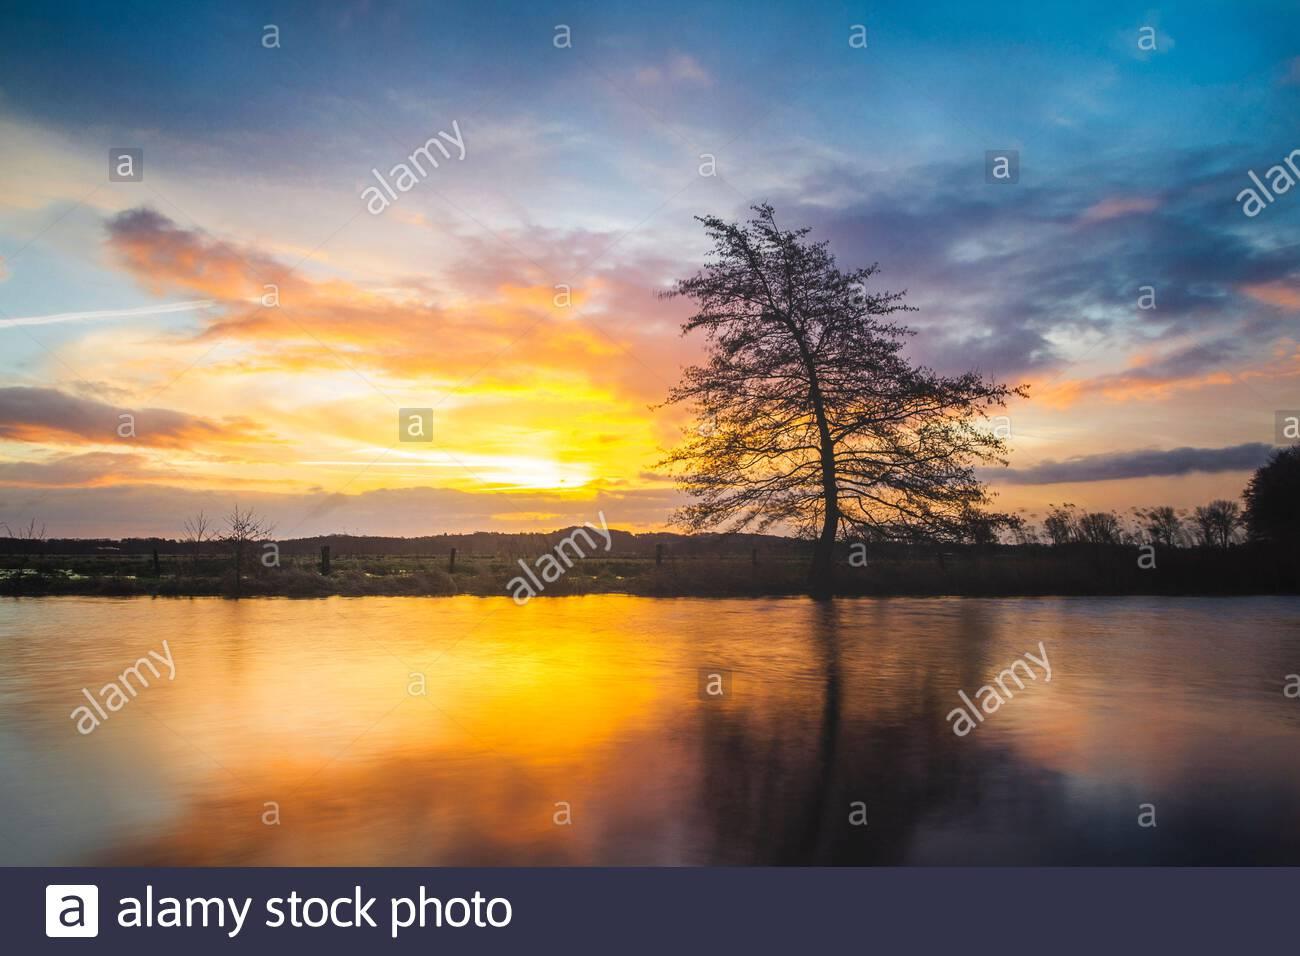 Sonnenaufgang am Fluß Hamme, bei Worpswede im Teufelsmoor. Hammeniederung im Landkreis Osterholz in Niedersachsen. Stock Photo